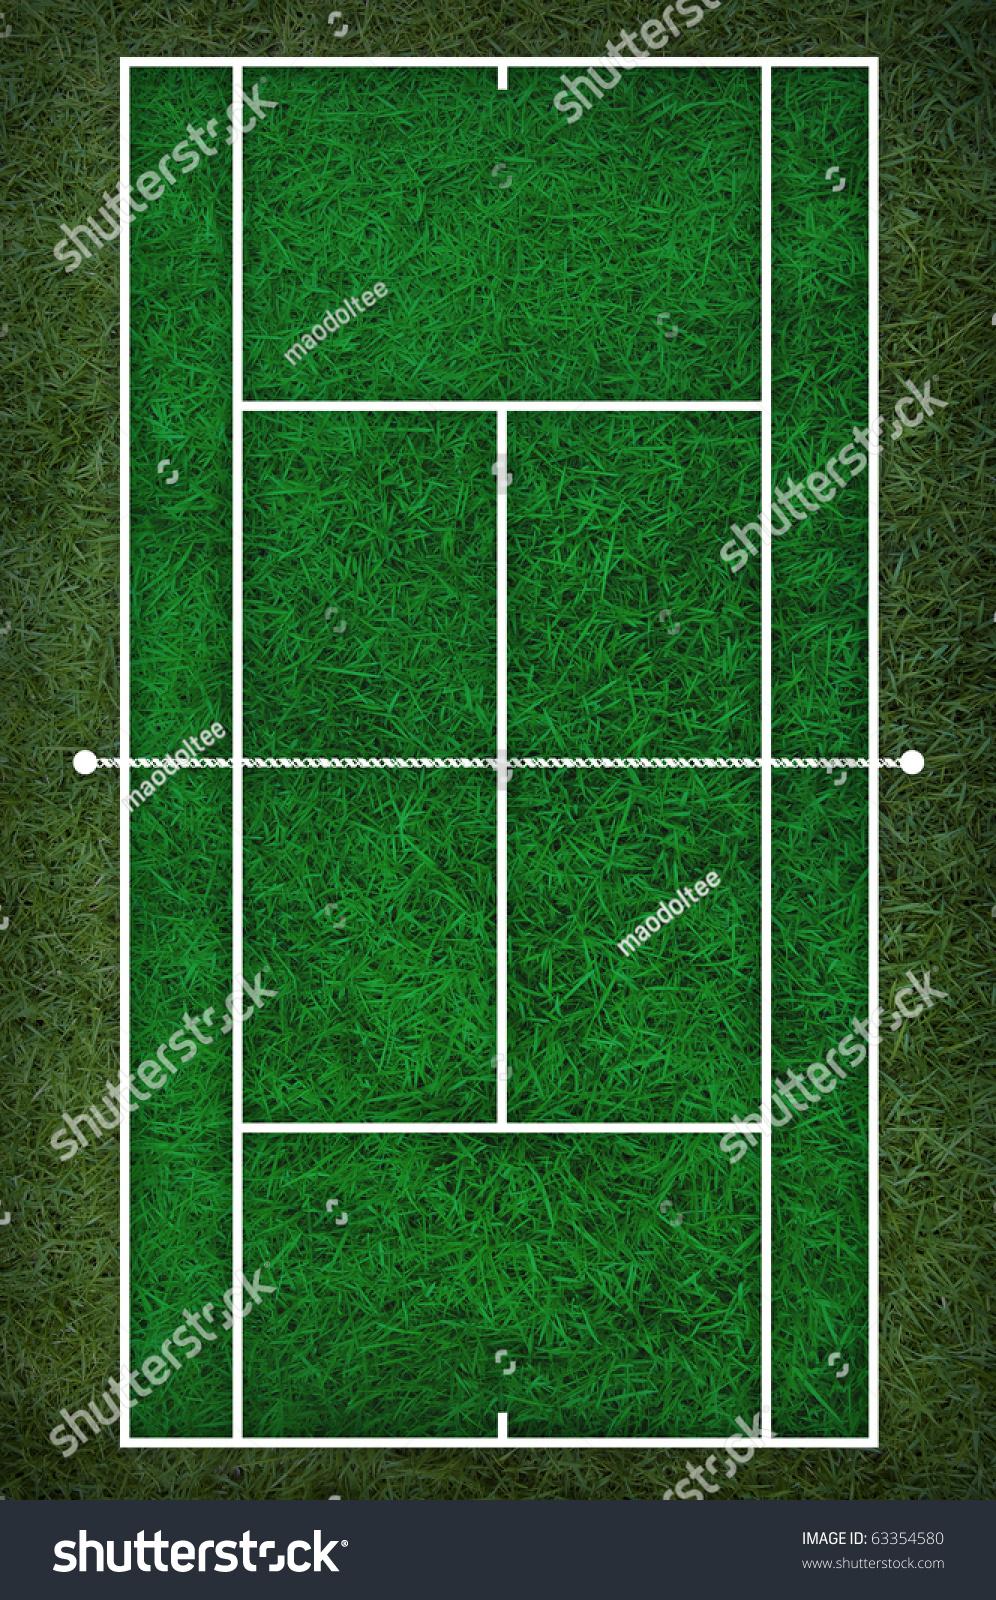 tennis court floor plan on grass stock illustration